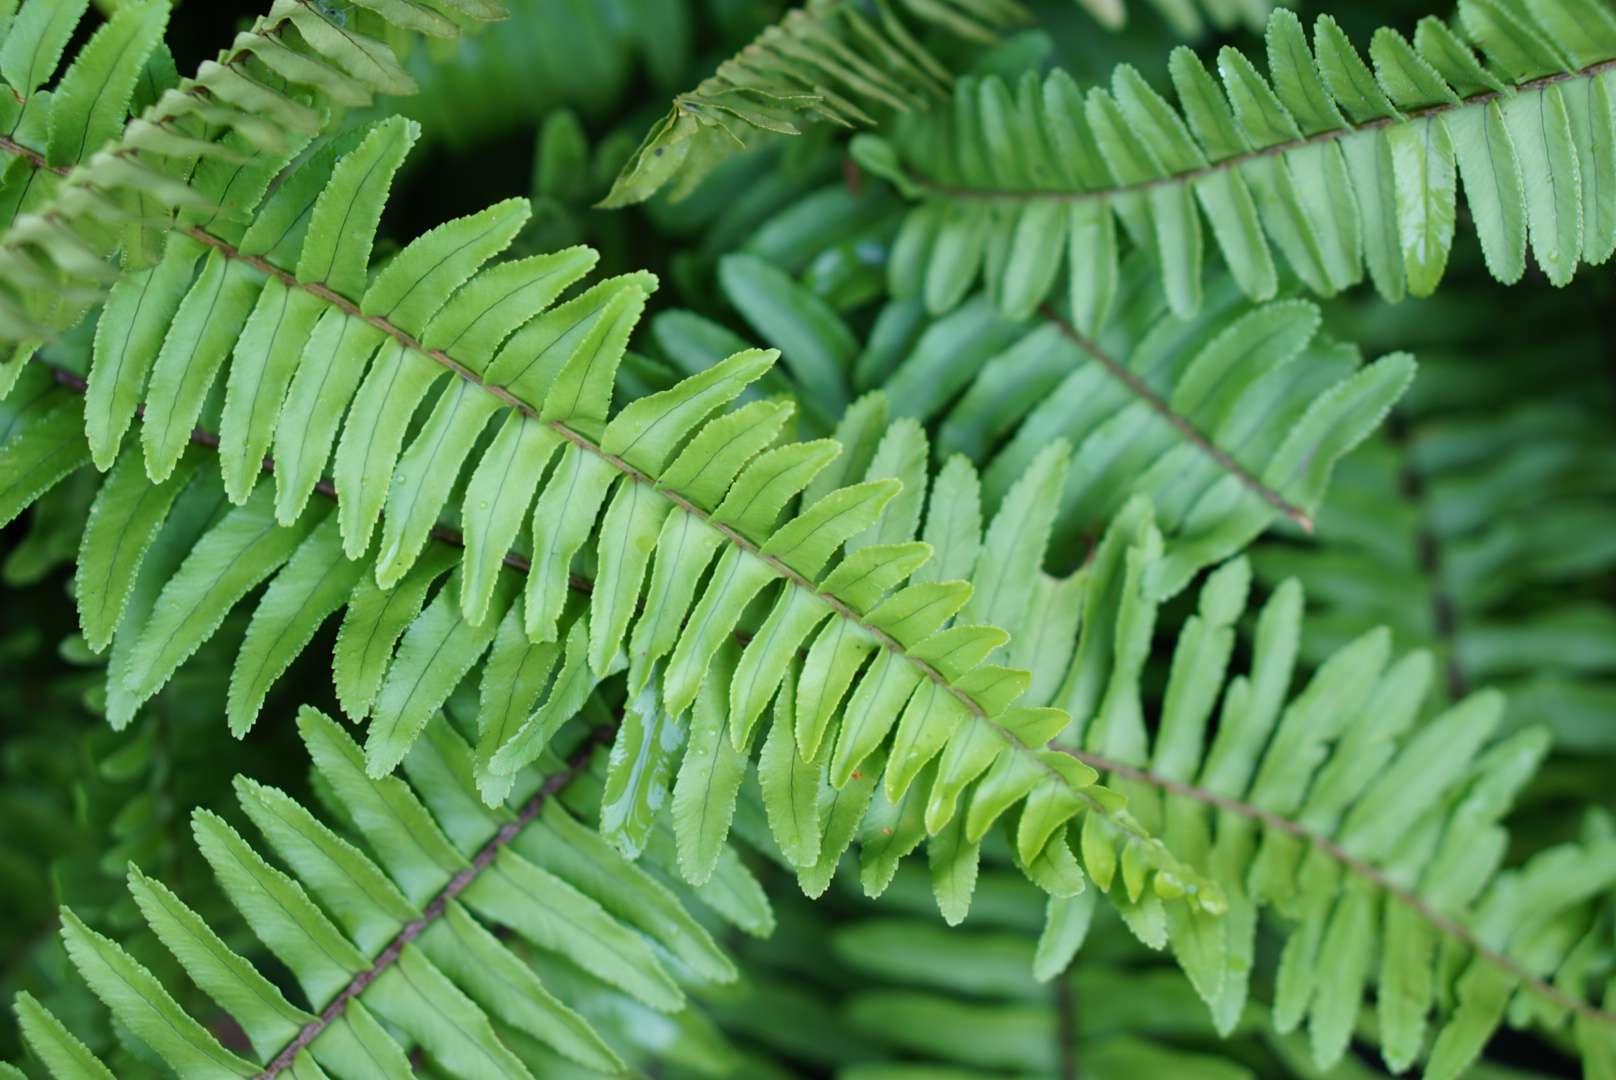 Kimberley queen fern leaves closeup